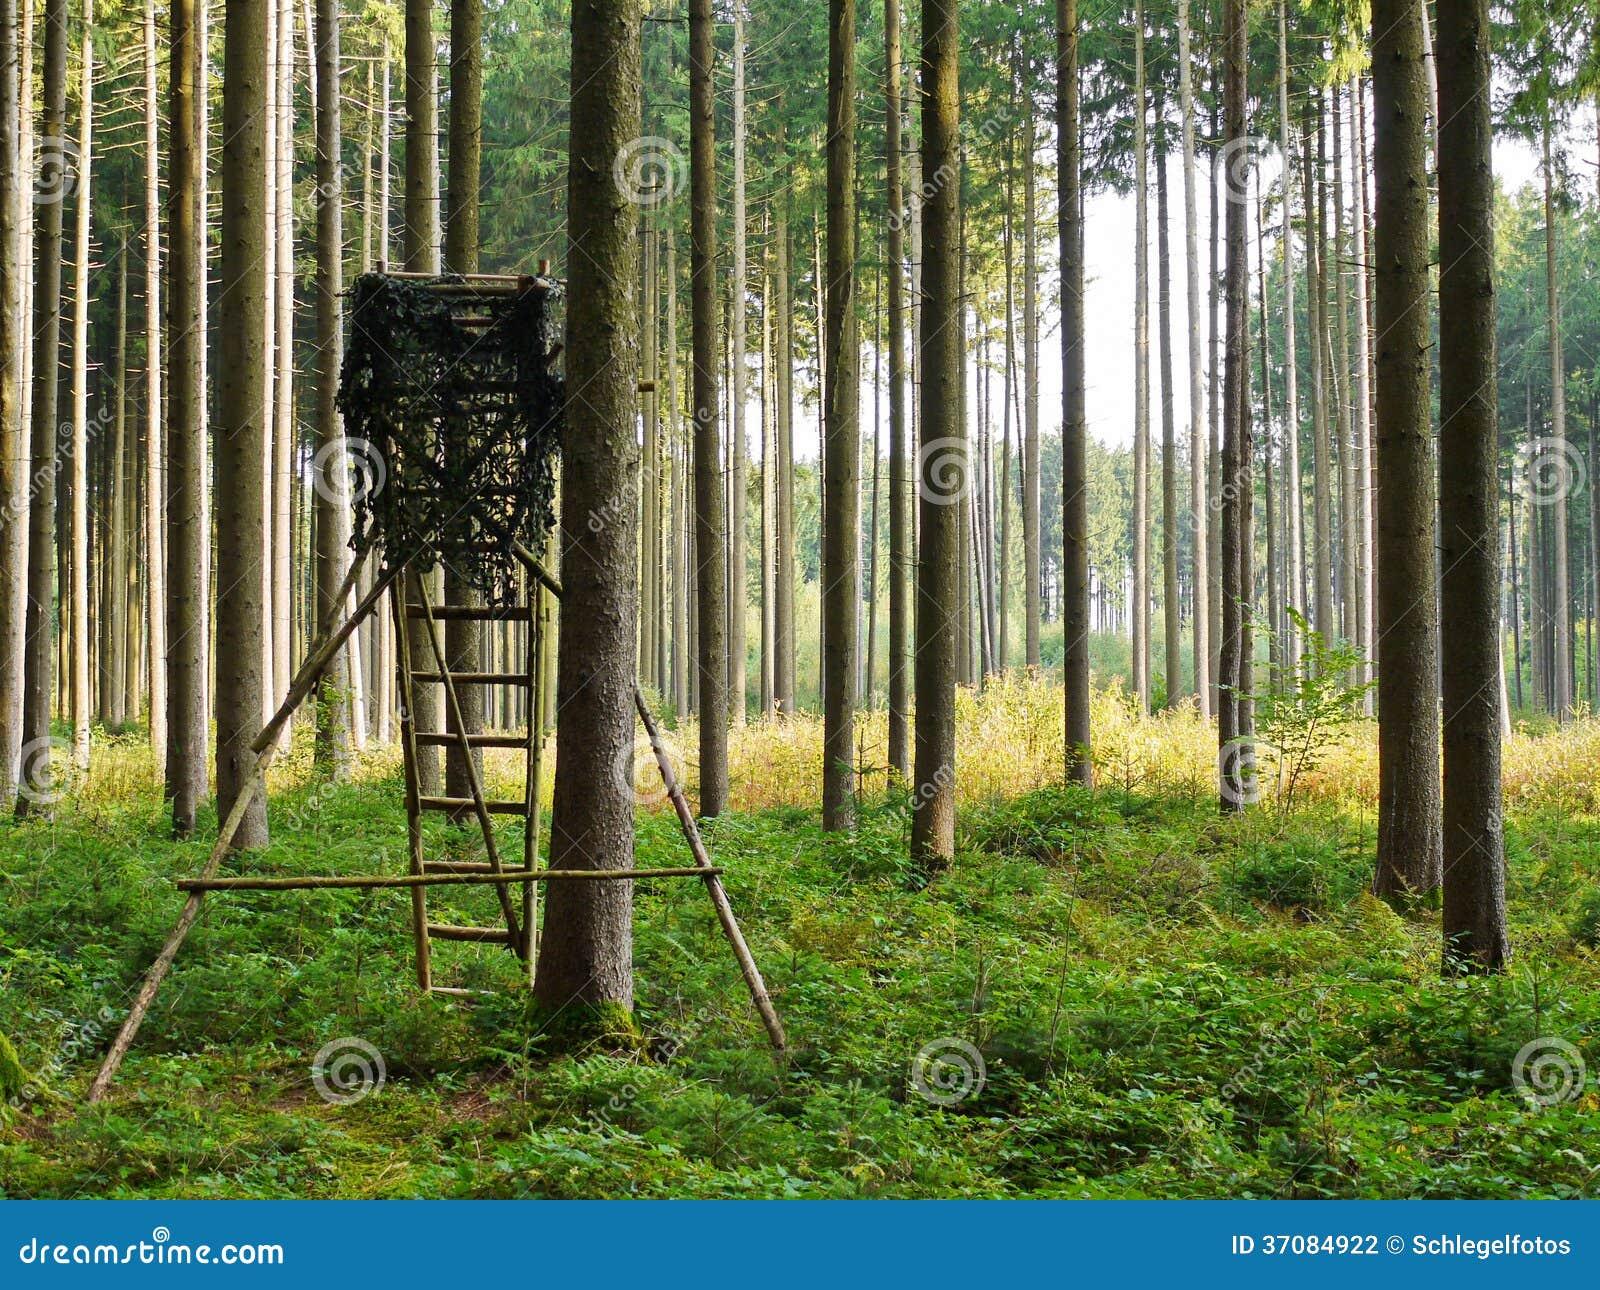 Download Wysoki siedzenie w lesie zdjęcie stock. Obraz złożonej z niemcy - 37084922